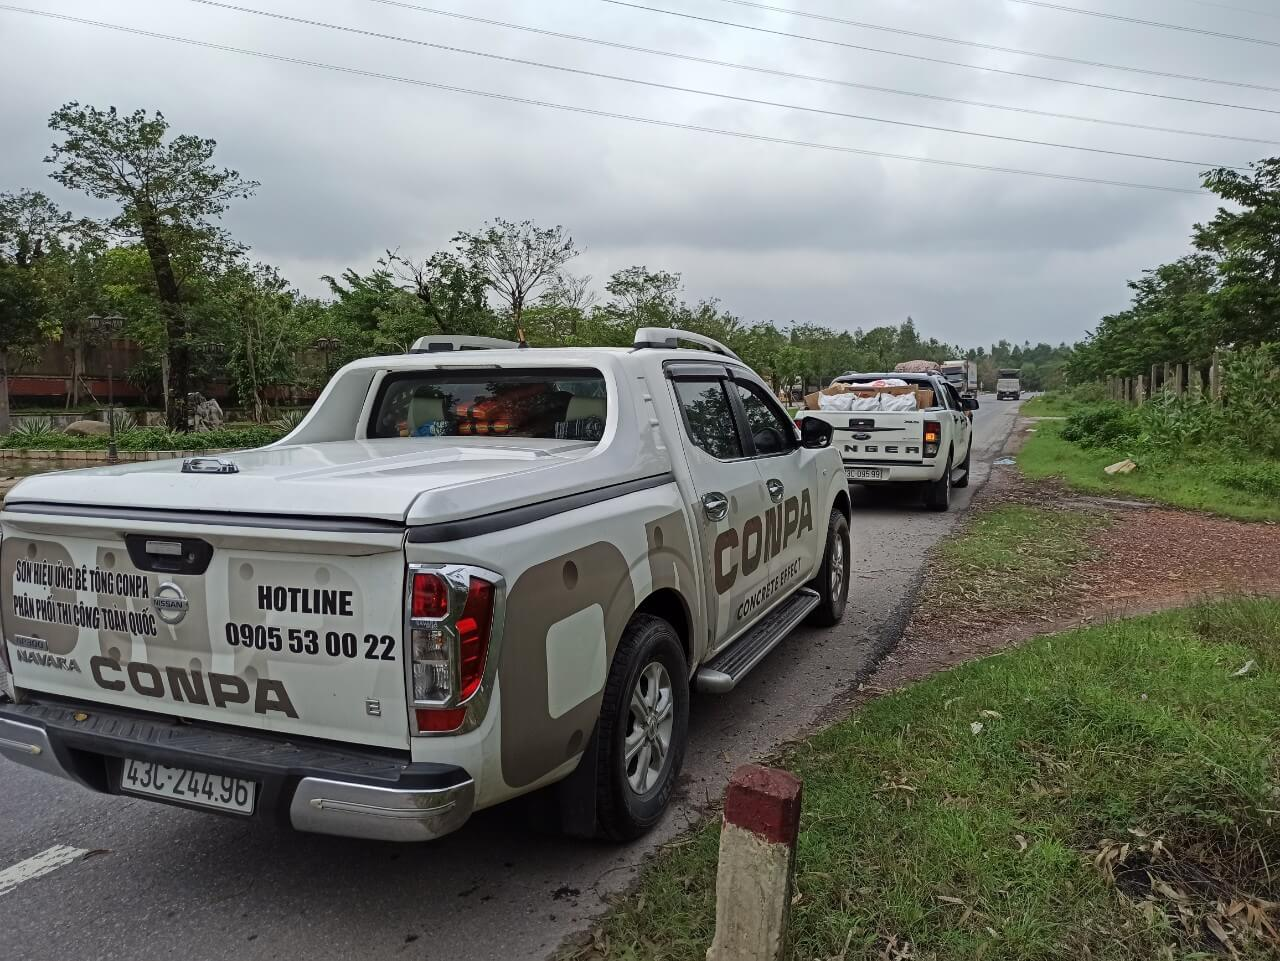 xe Conpa vận chuyển hàng từ thiện